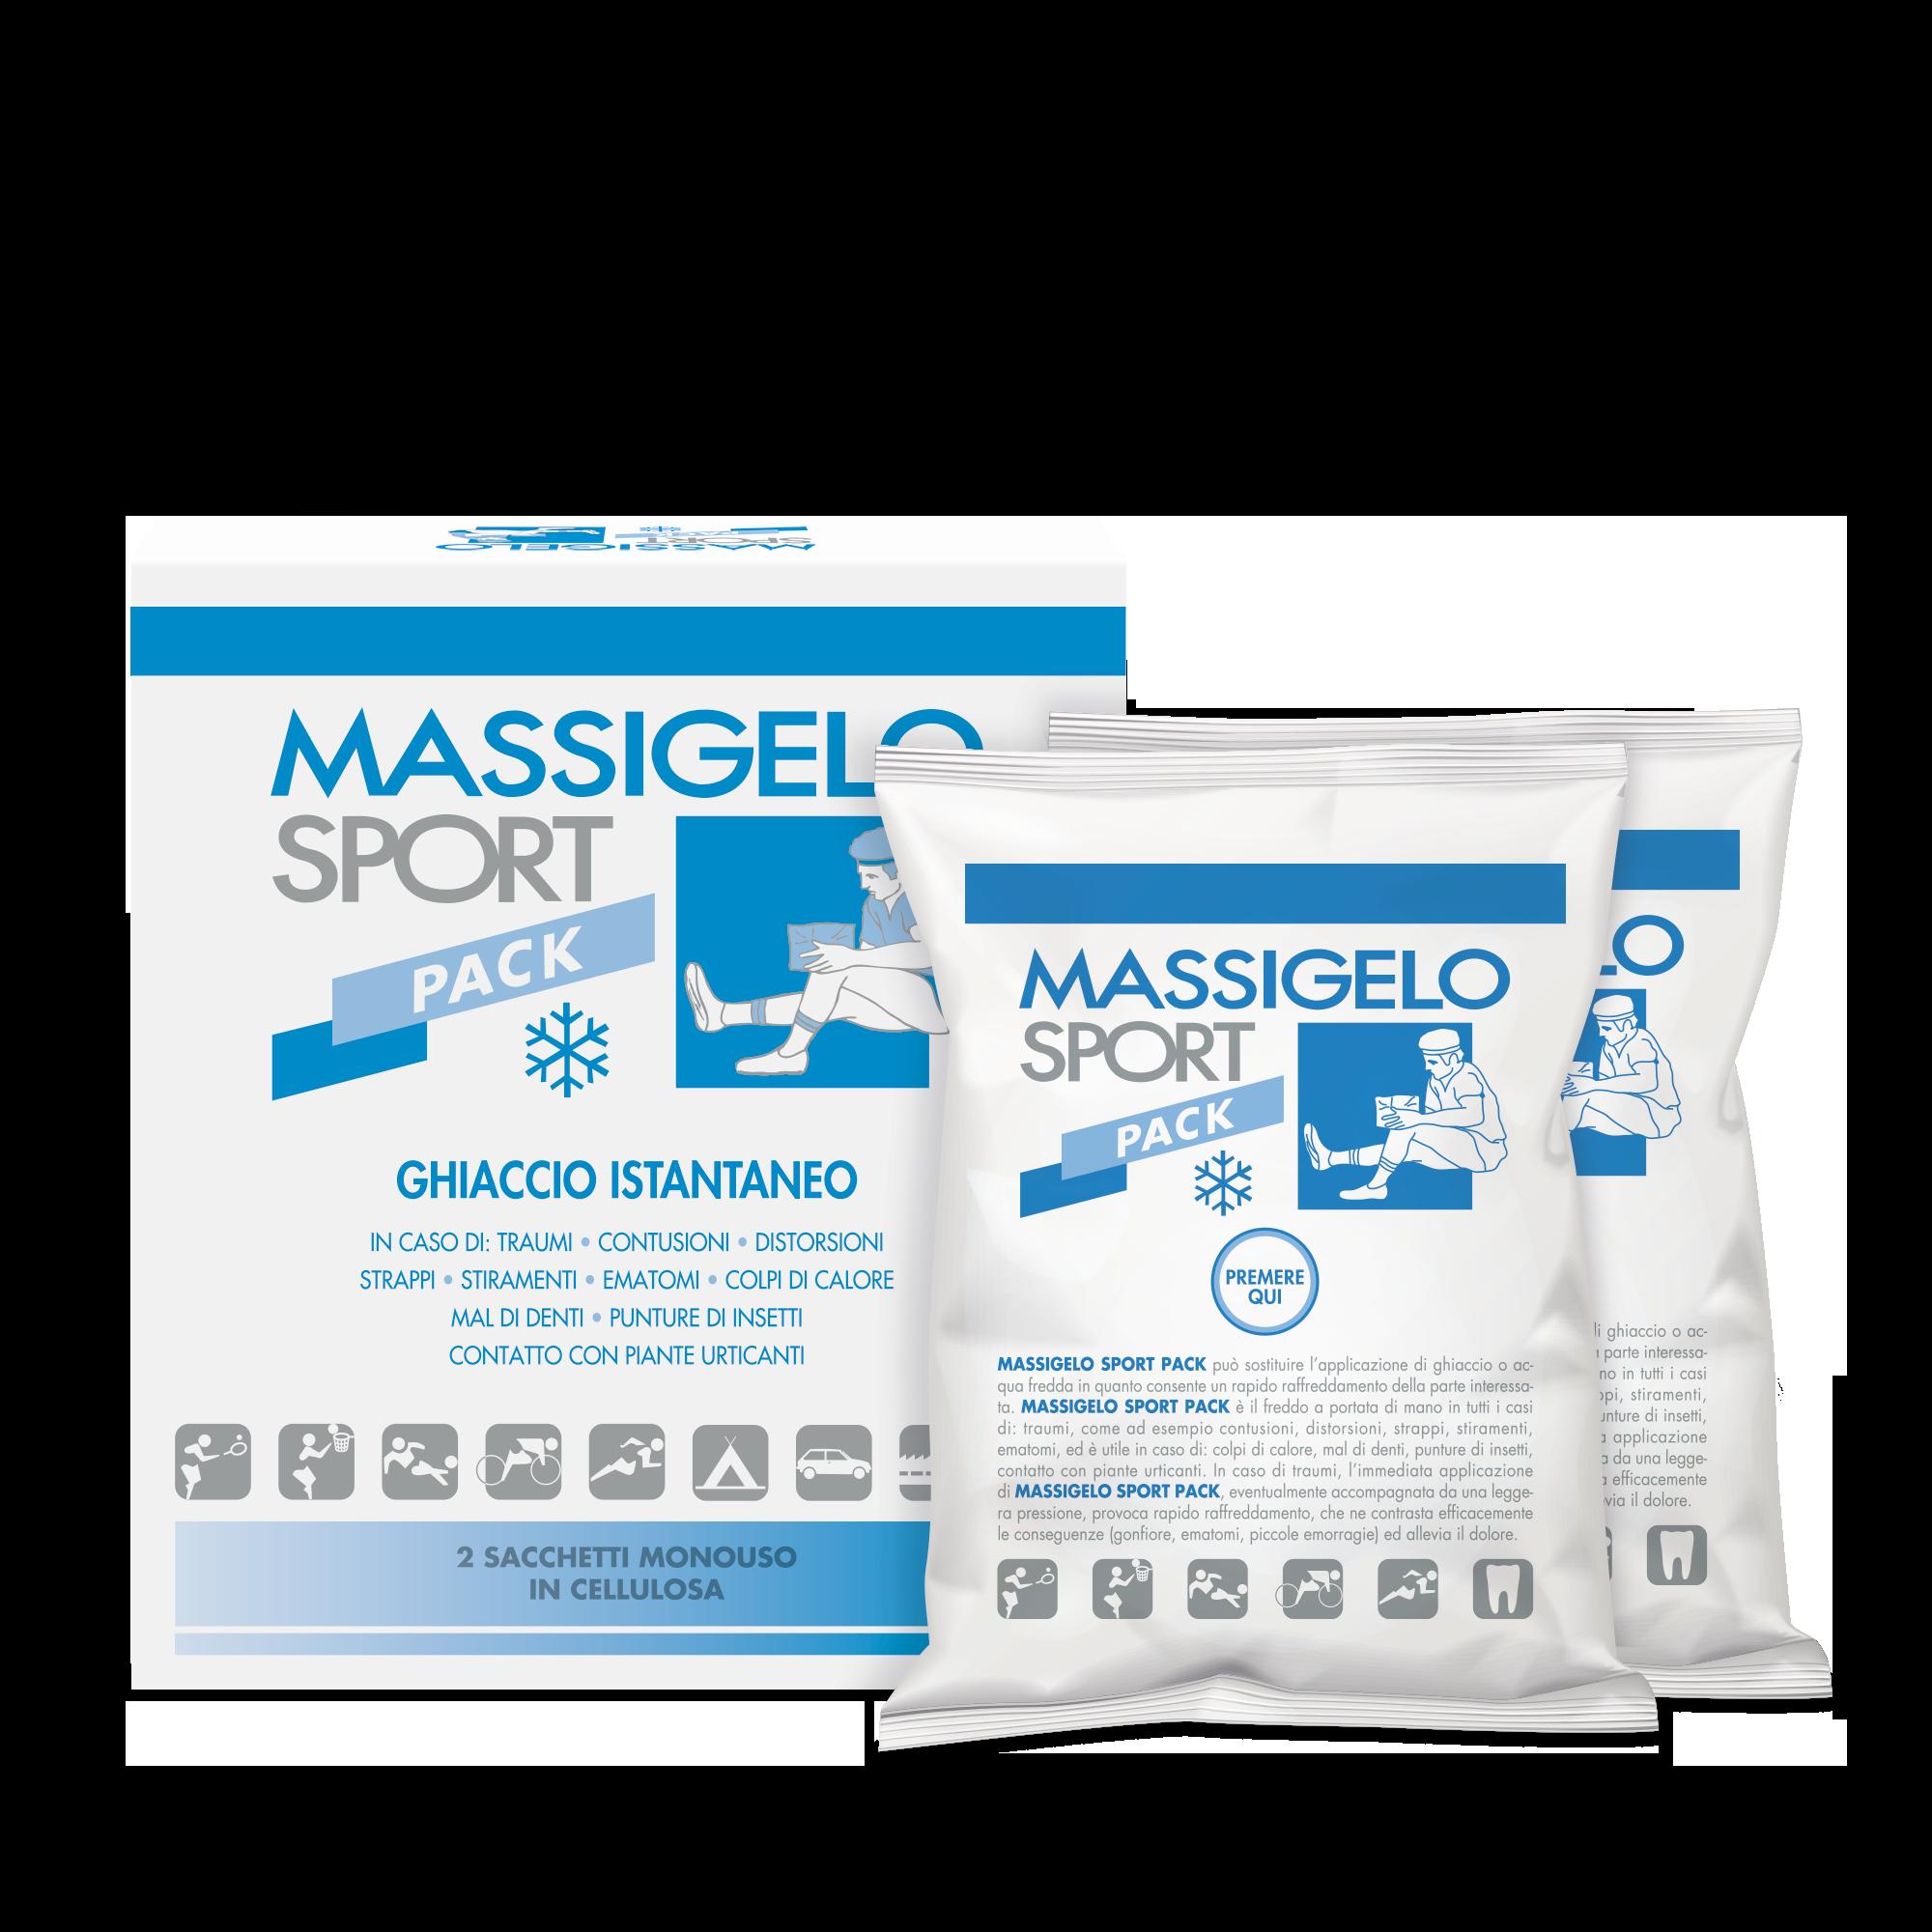 Massigen Massigelo Sport Pack Ghiaccio Istantaneo 2 Buste